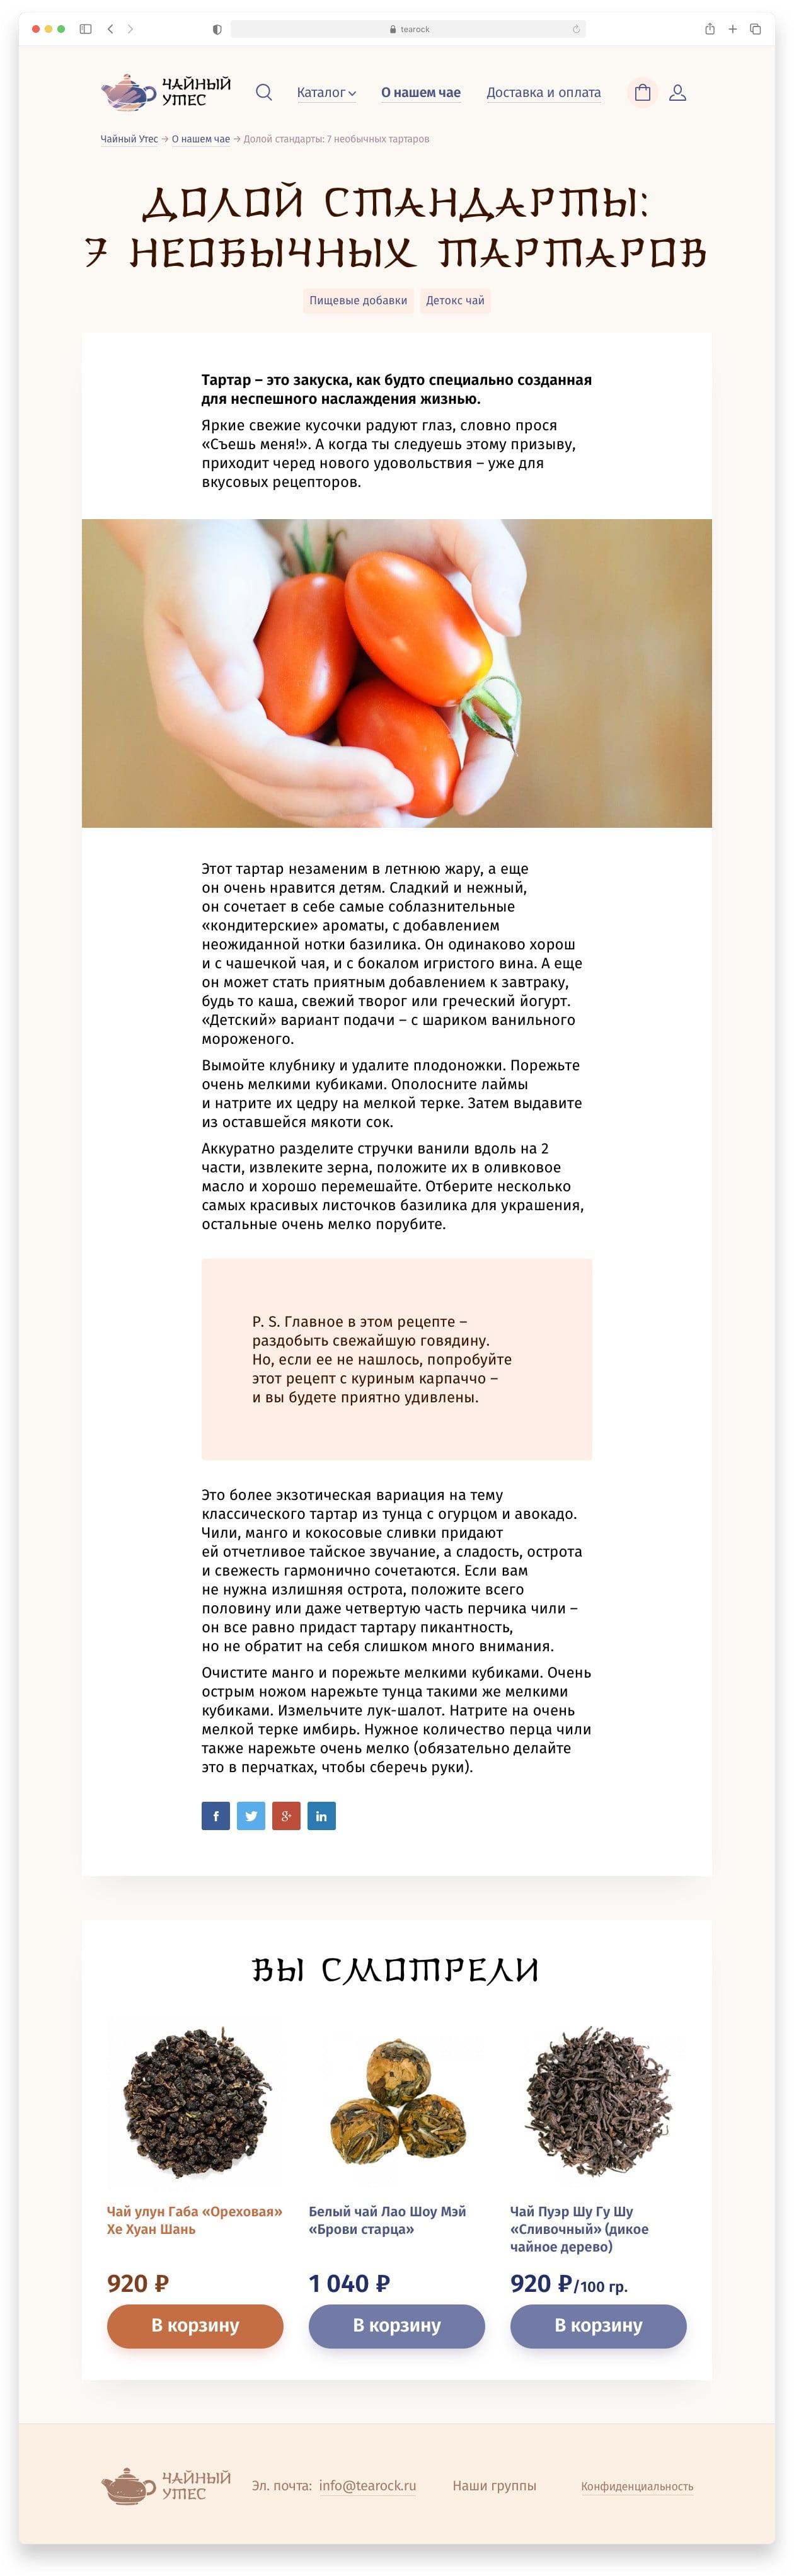 Чайный Утес — магазин чая Сайт Артура Нецветаева — сайты, приложения, прототипы и оформление интерфейсов tearock about 2 desktop 1 artur netsvetaev design